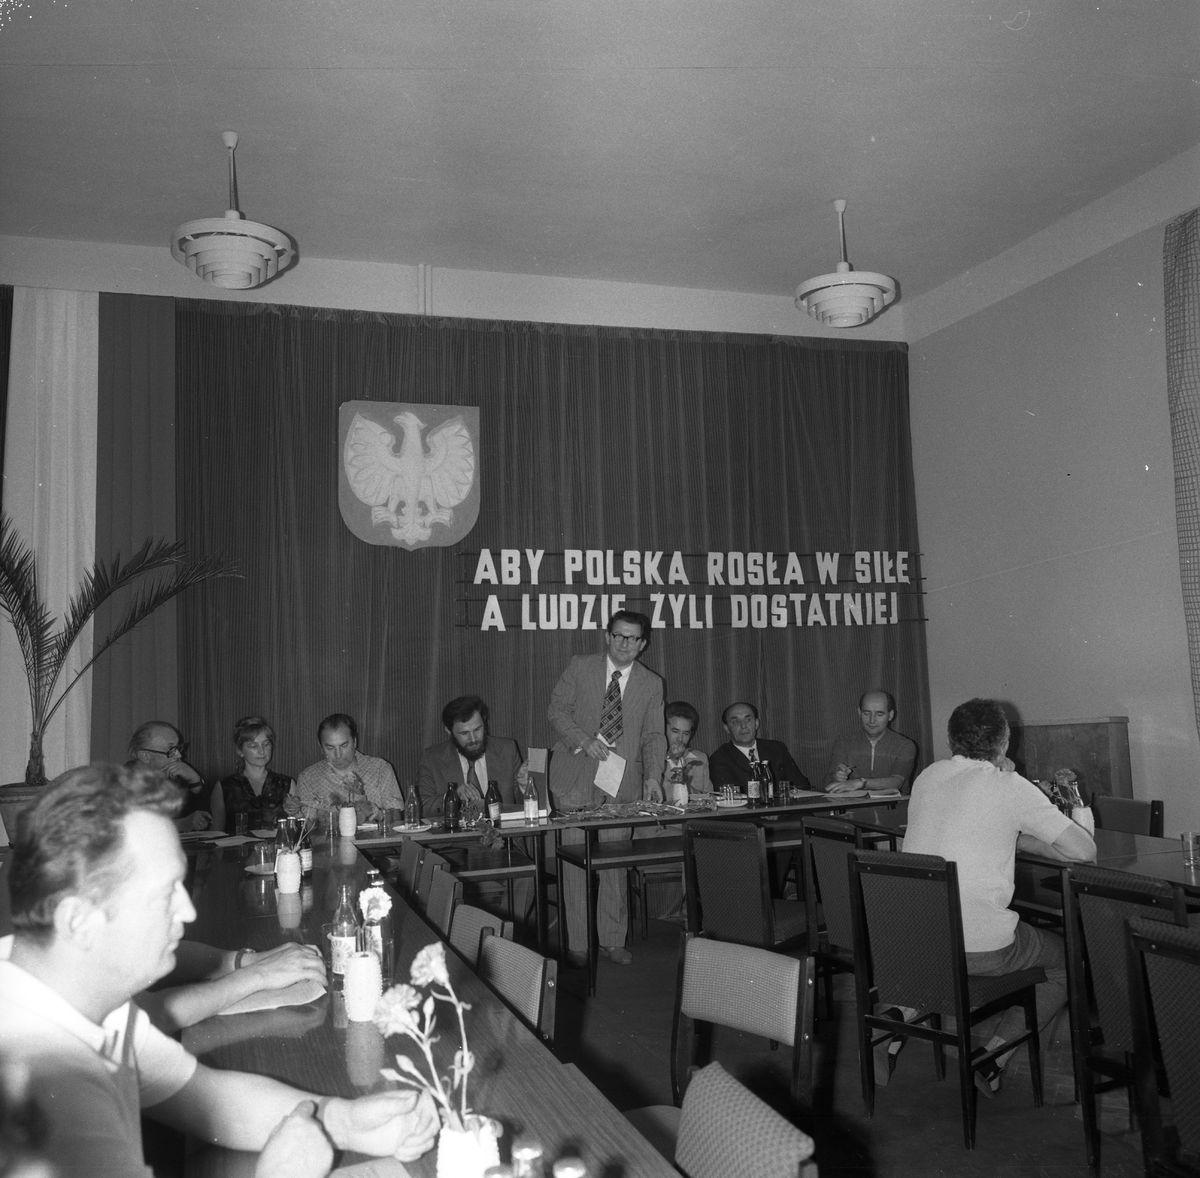 Uroczysta Sesja Miejskiej Rady Narodowej, 1975 r. [8]